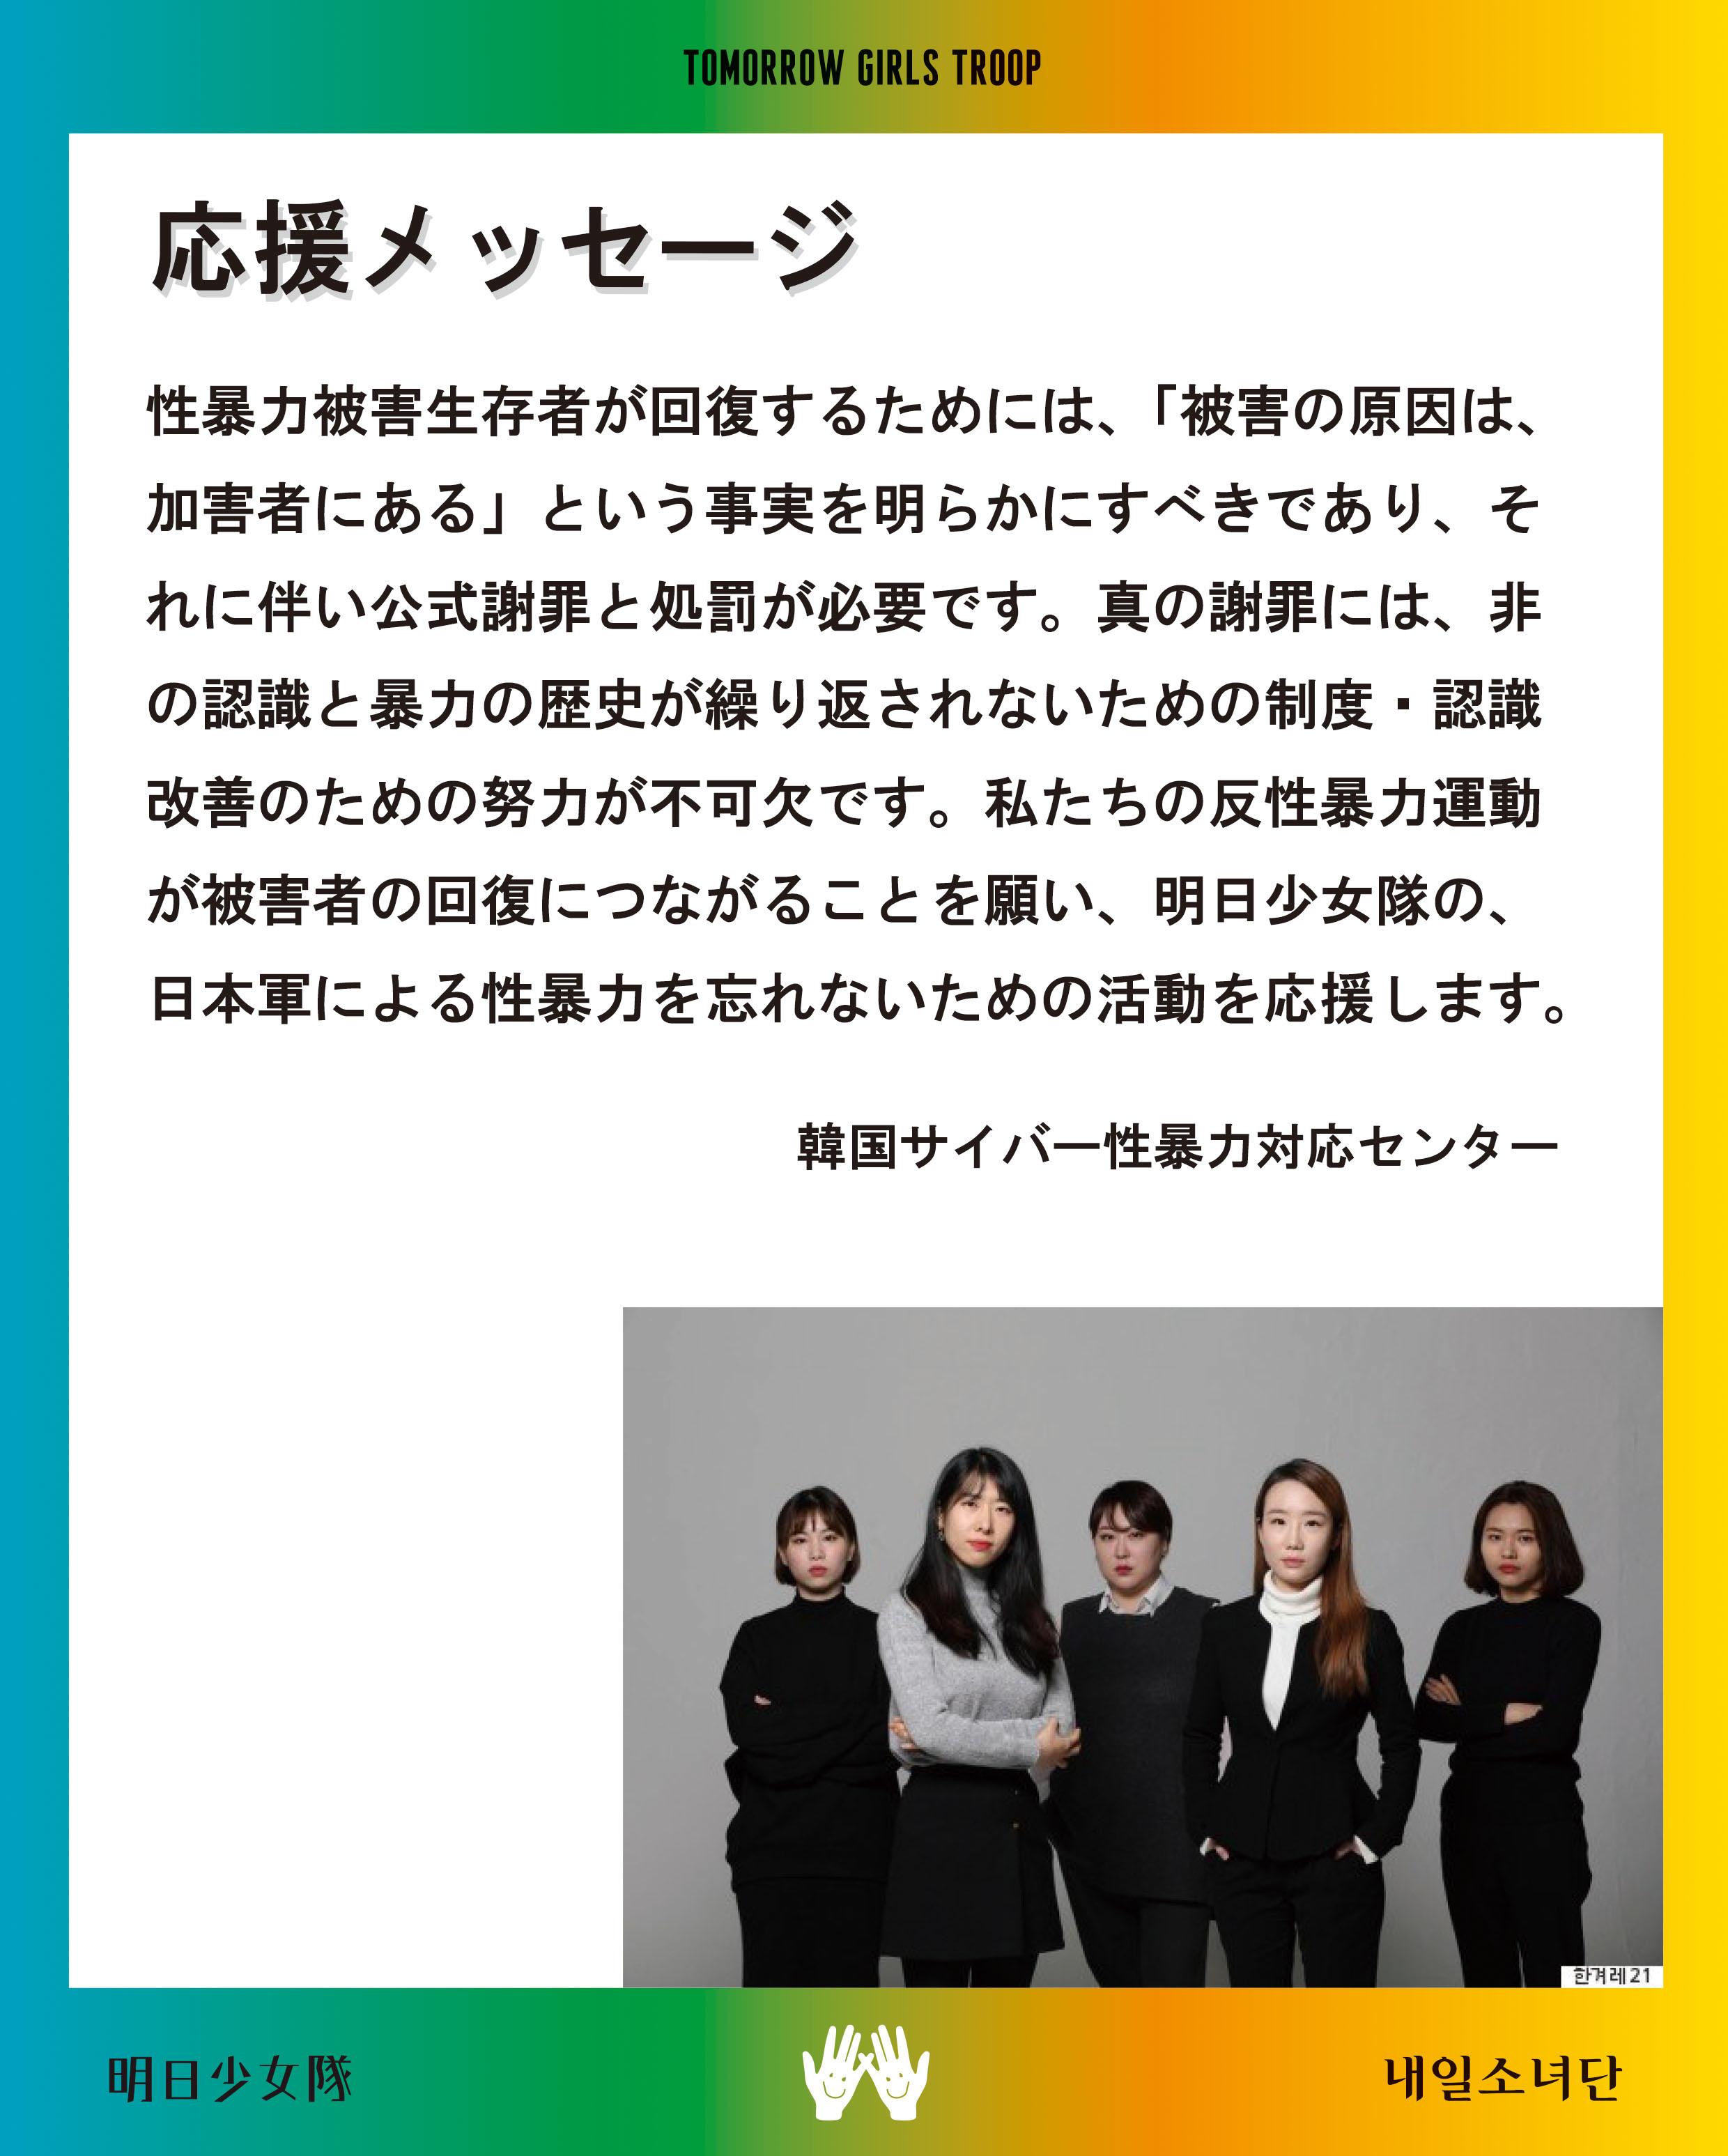 応援メッセージ 韓国サバイバー性暴力対応センター様 画像下 文字真っ直ぐ.jpg